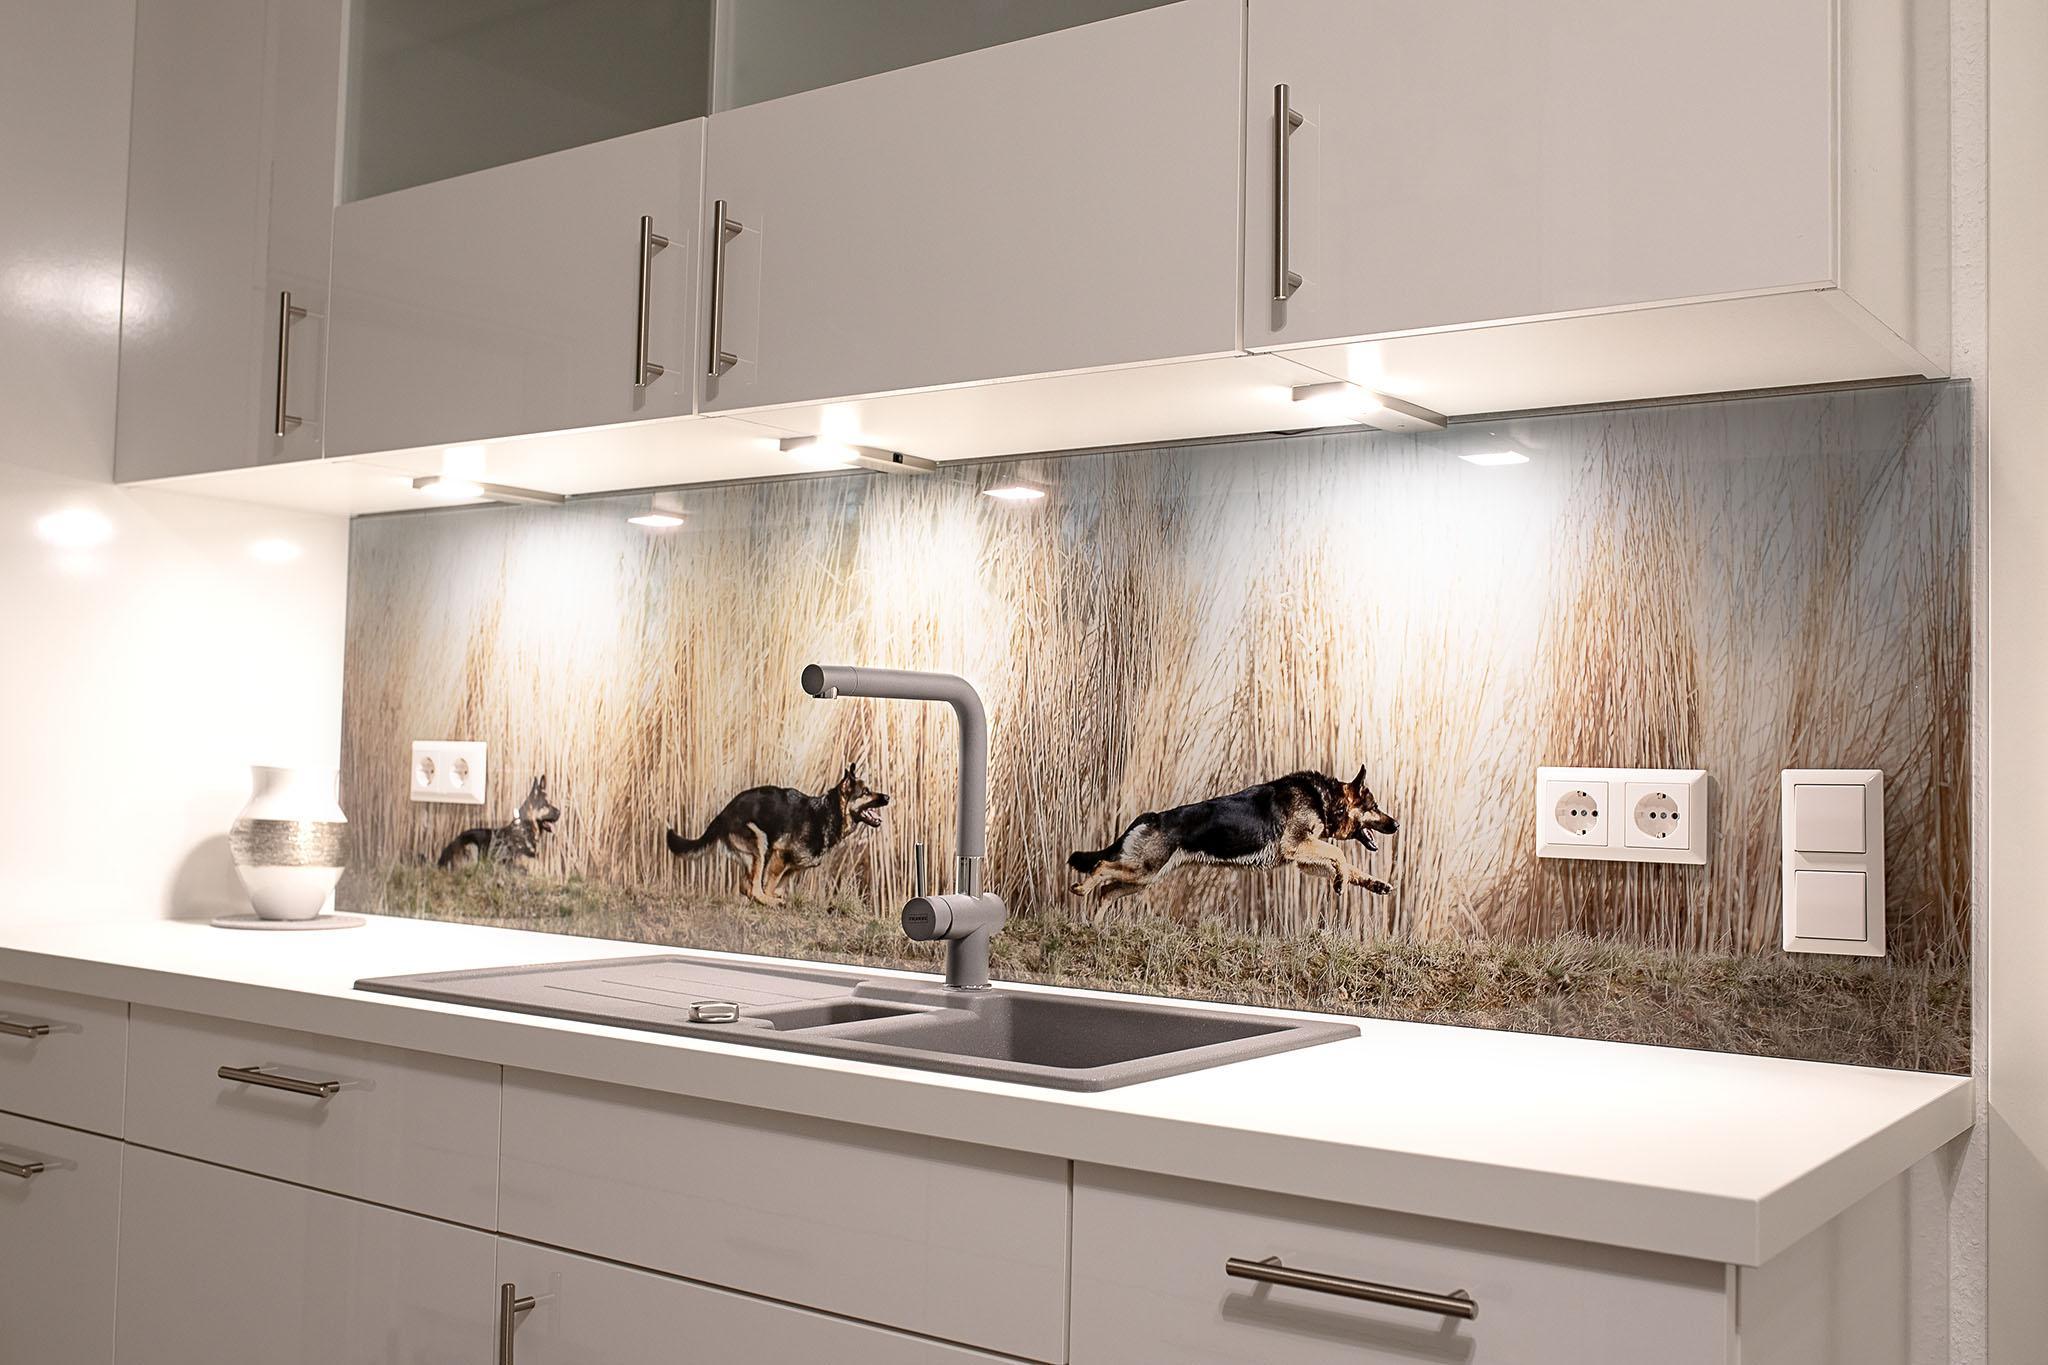 Glas Küchenrückwand Bilder